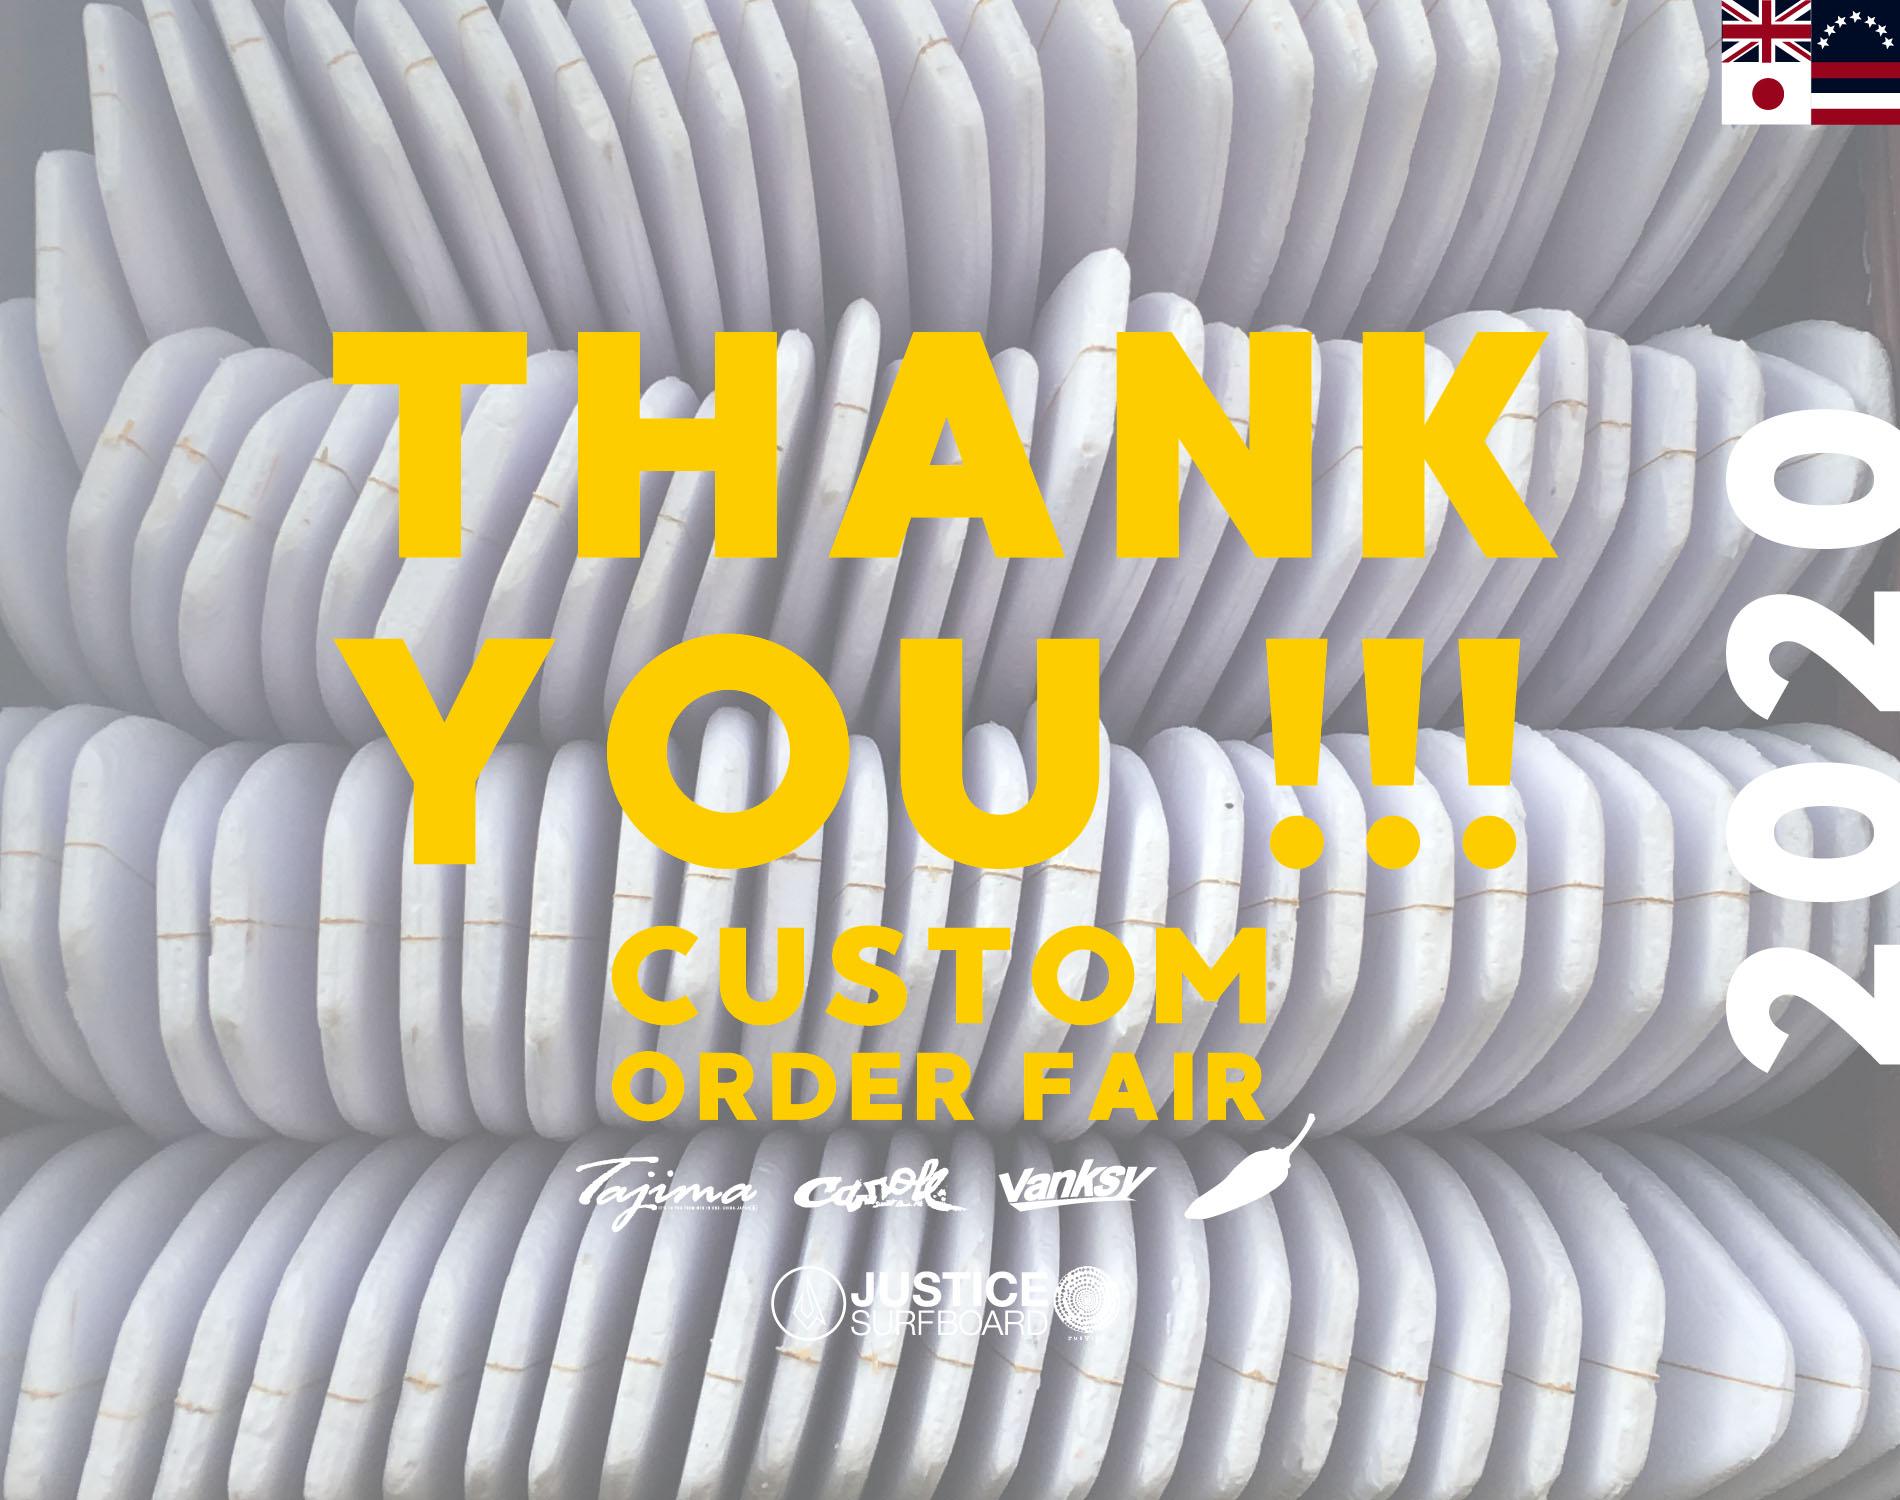 ジャスティスサーフボード  多くの皆様よりカスタムオーダーいただきありがとうございます!